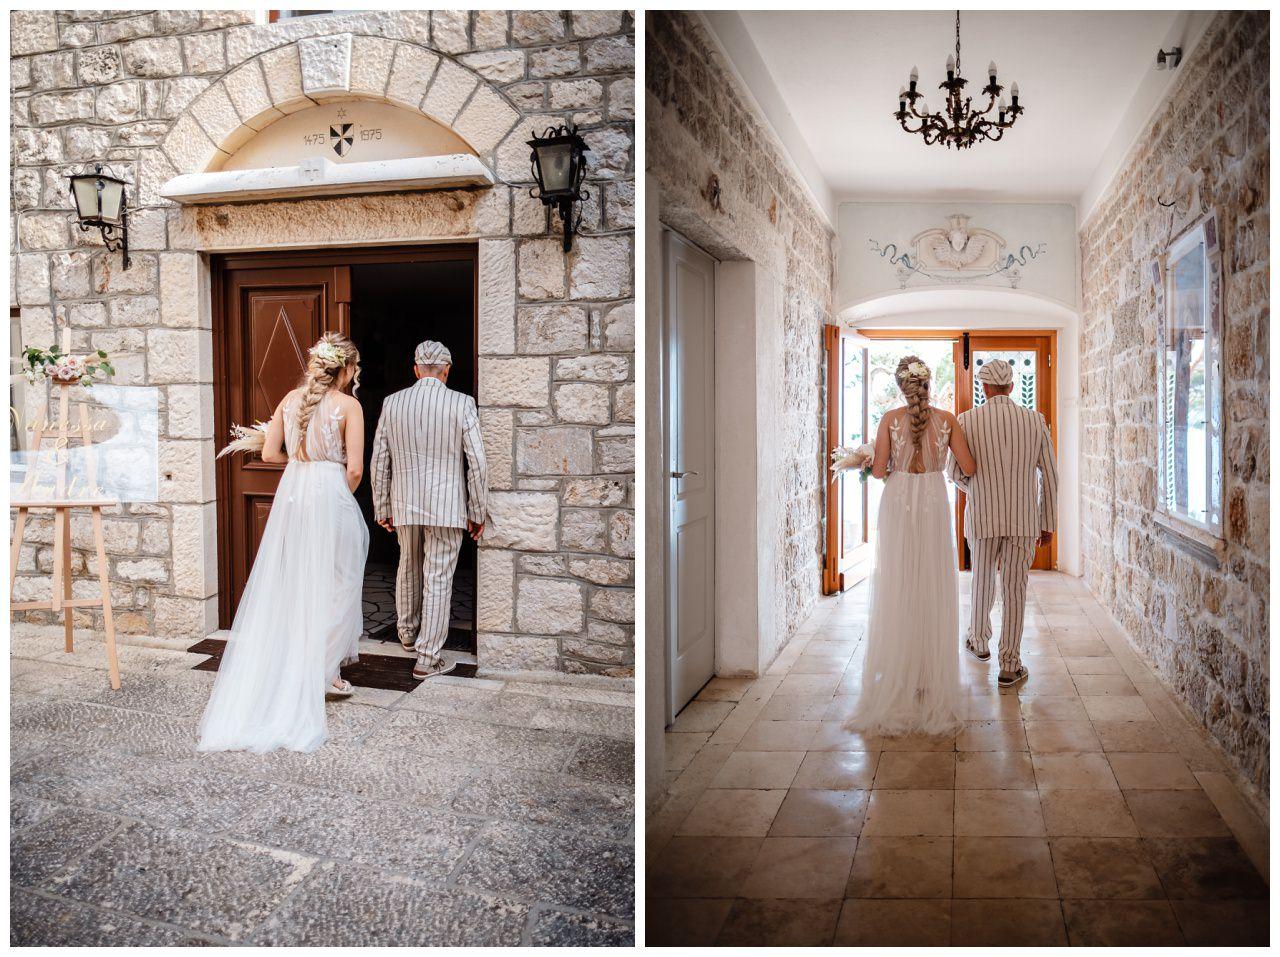 hochzeit kroatien ausland gardasee fotograf strand 49 - Hochzeit am Strand in Kroatien